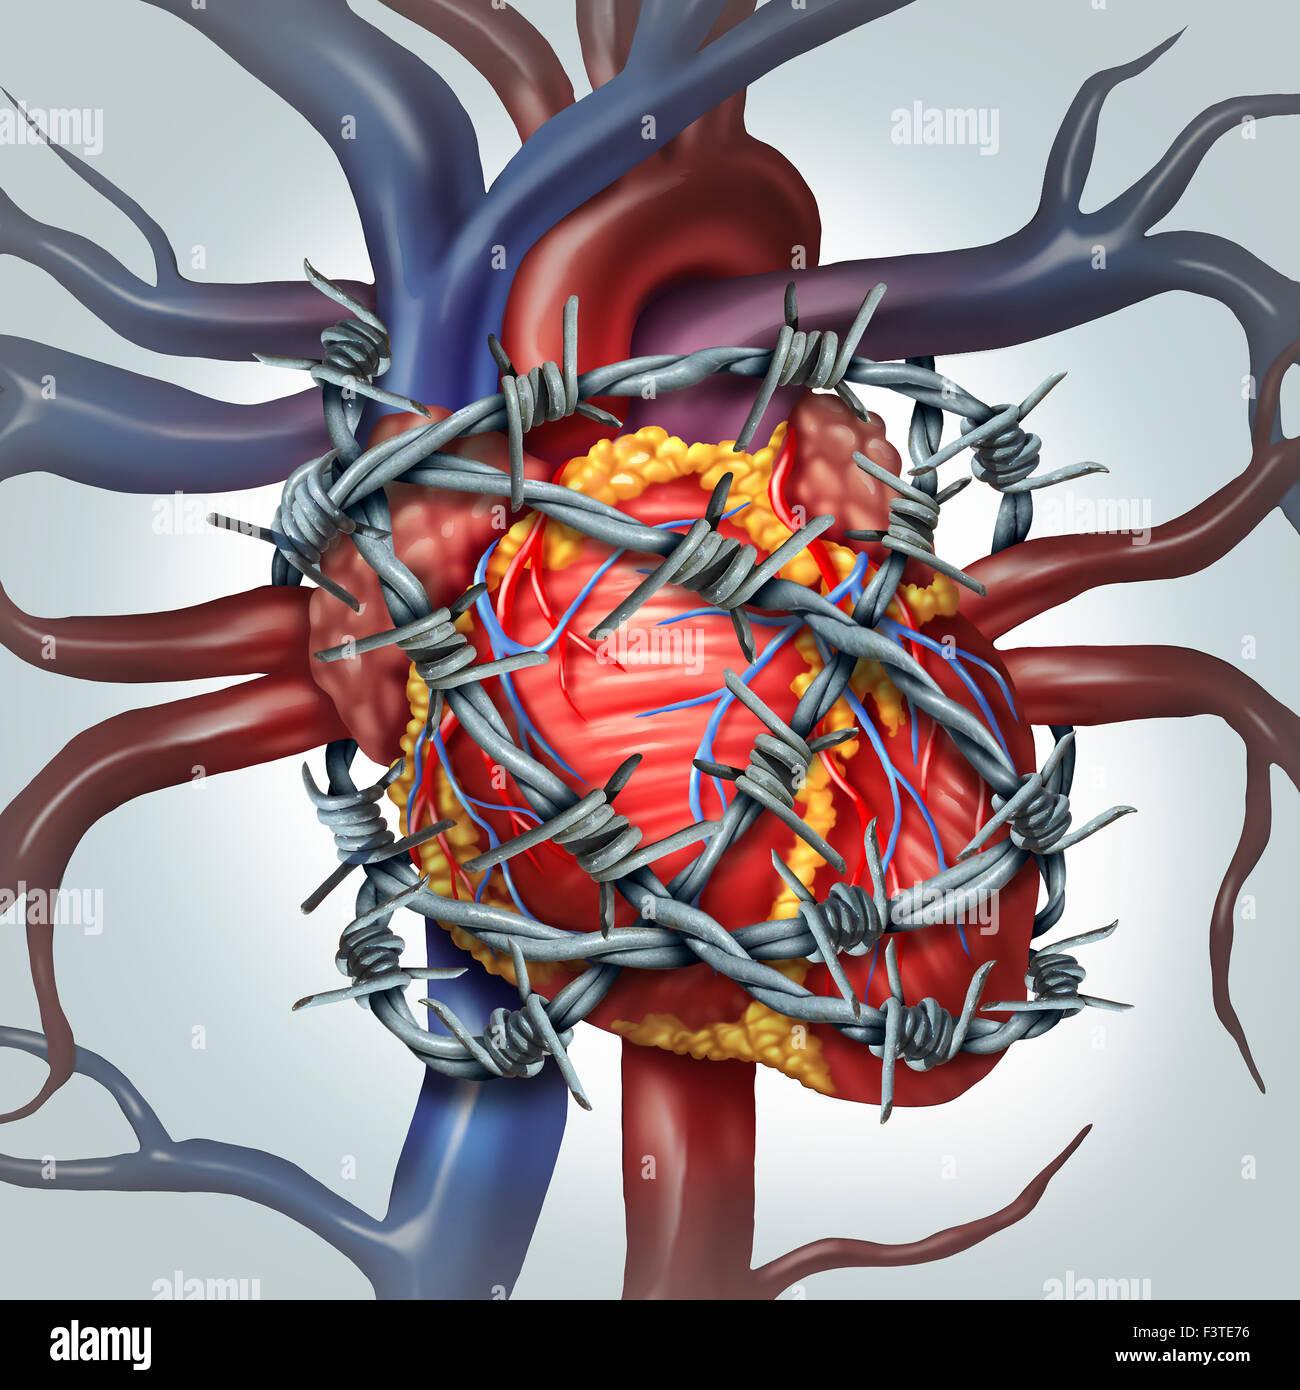 La douleur cardiaque des soins de santé médicaux concept comme un organe cardio-vasculaire humain enveloppé Photo Stock